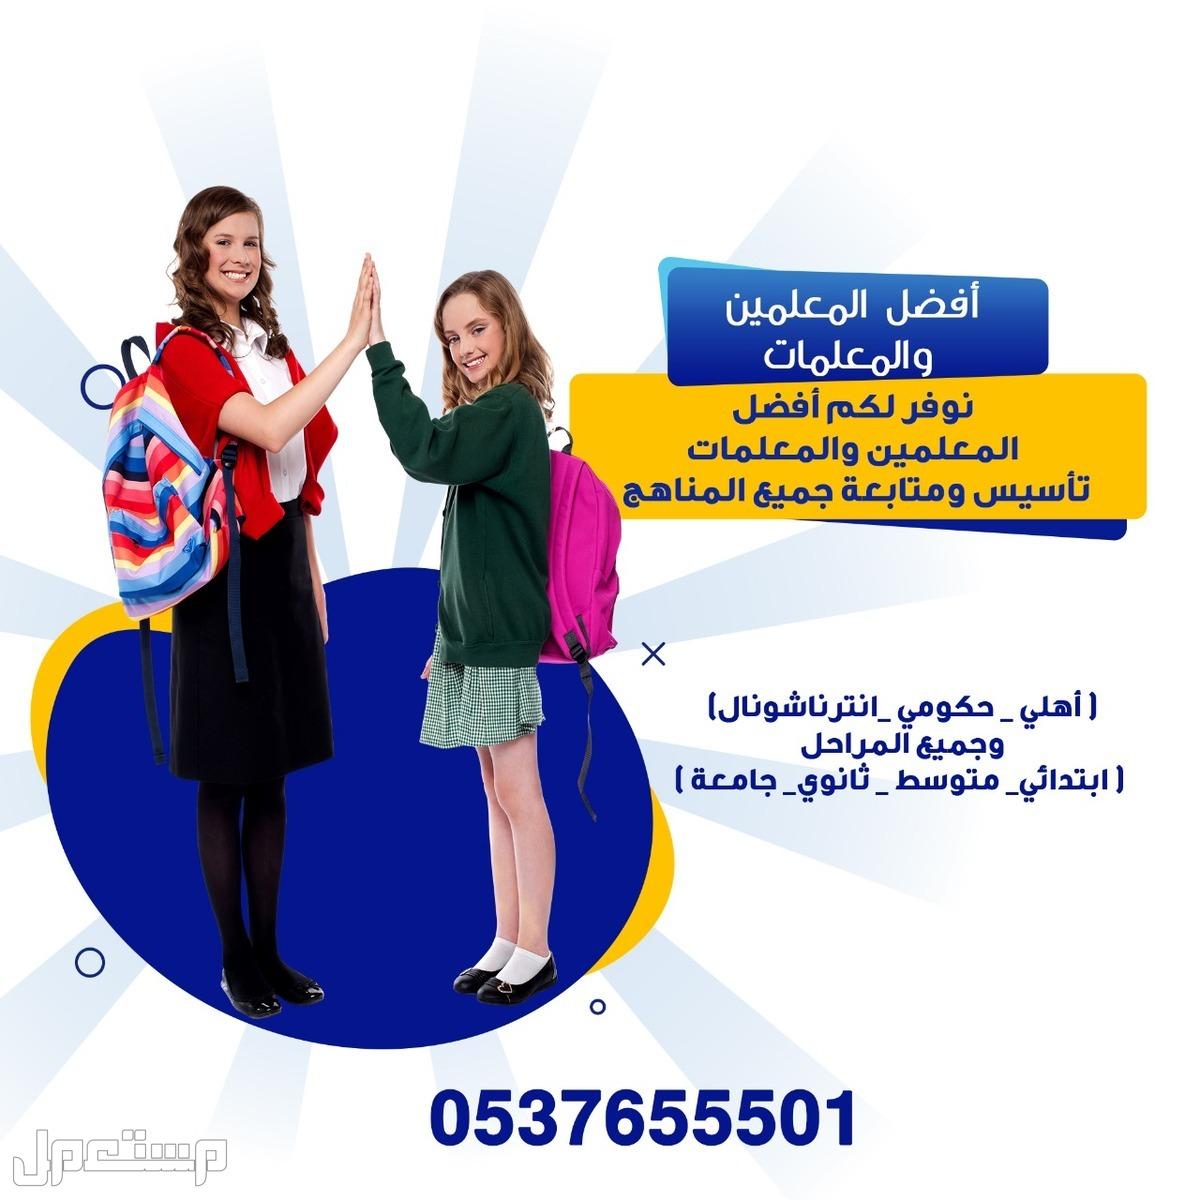 معلمين ومعلمات خصوصي بتبوك يجون البيت معلمين ومعلمات خصوصي بتبوك يجون البيت 0537655501